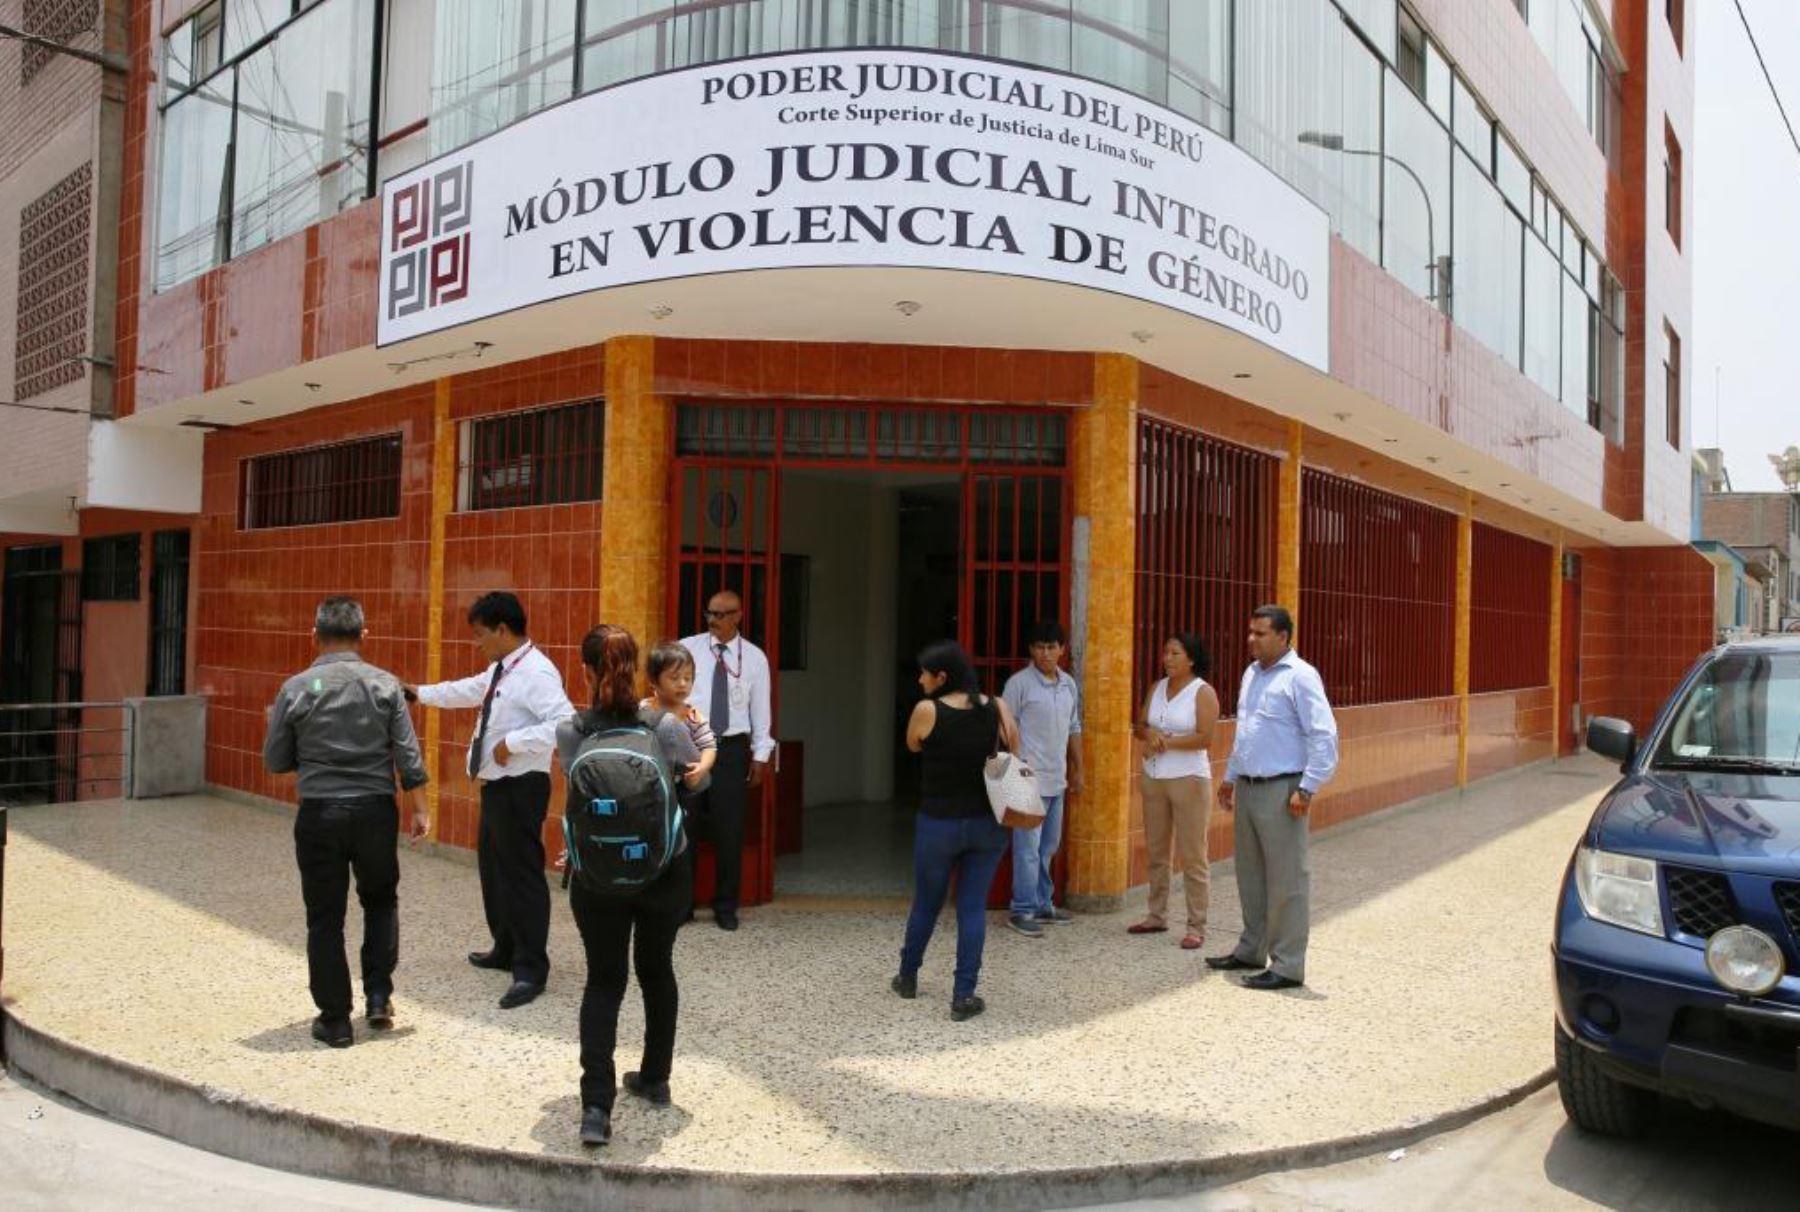 Casi 8,000 denuncias de violencia familiar recibió módulo judicial en Villa  El Salvador | Noticias | Agencia Peruana de Noticias Andina